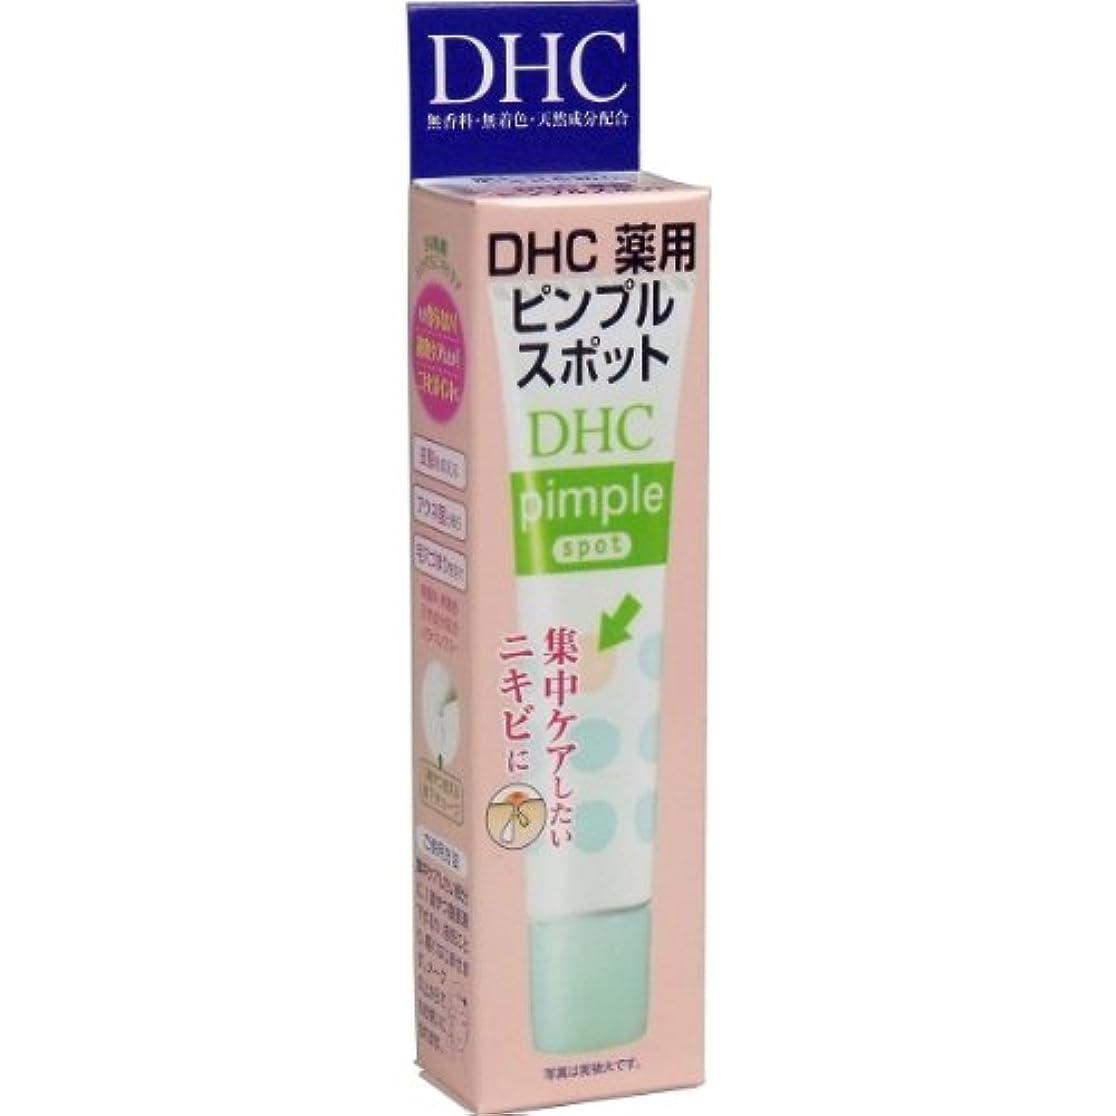 暴力的な仕立て屋新着【DHC】DHC 薬用ピンプルスポット 15ml ×10個セット